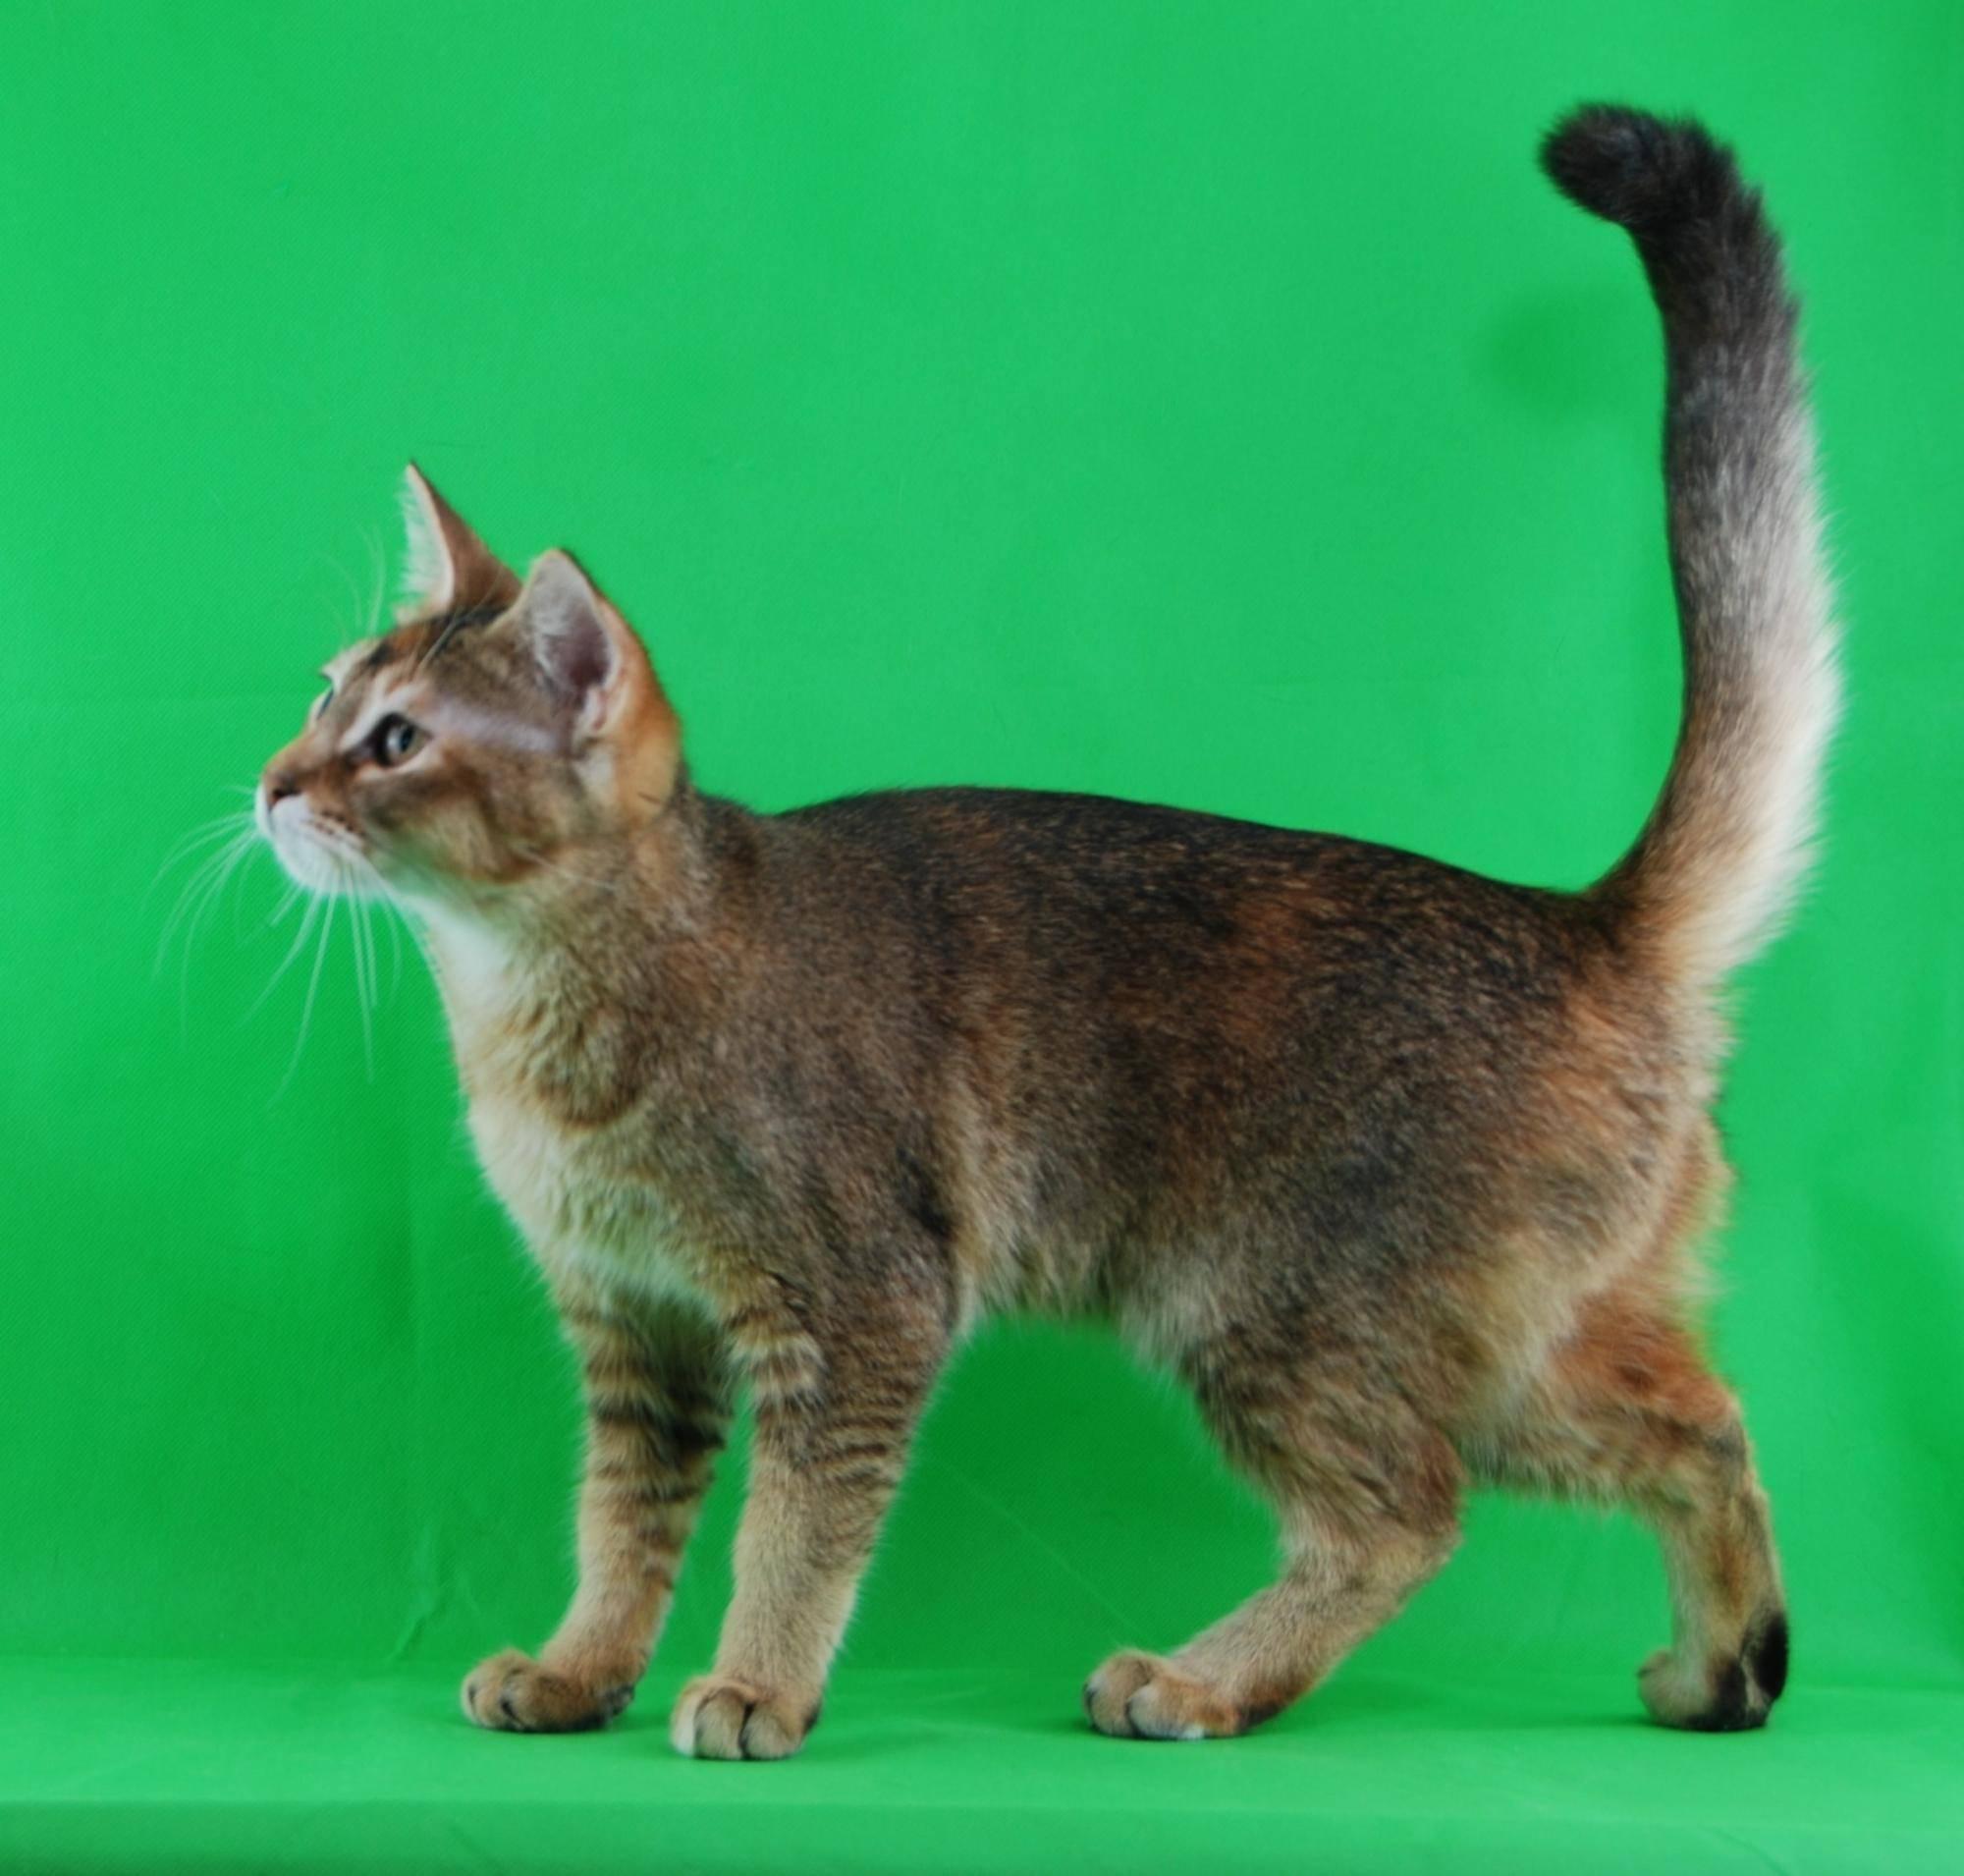 Кошки породы чаузи (60 фото): описание внешнего вида и характера. характеристика и отличия гибридов чаузи f1, f2, f3, f4 и f5. чем кормить? как правильно ухаживать?